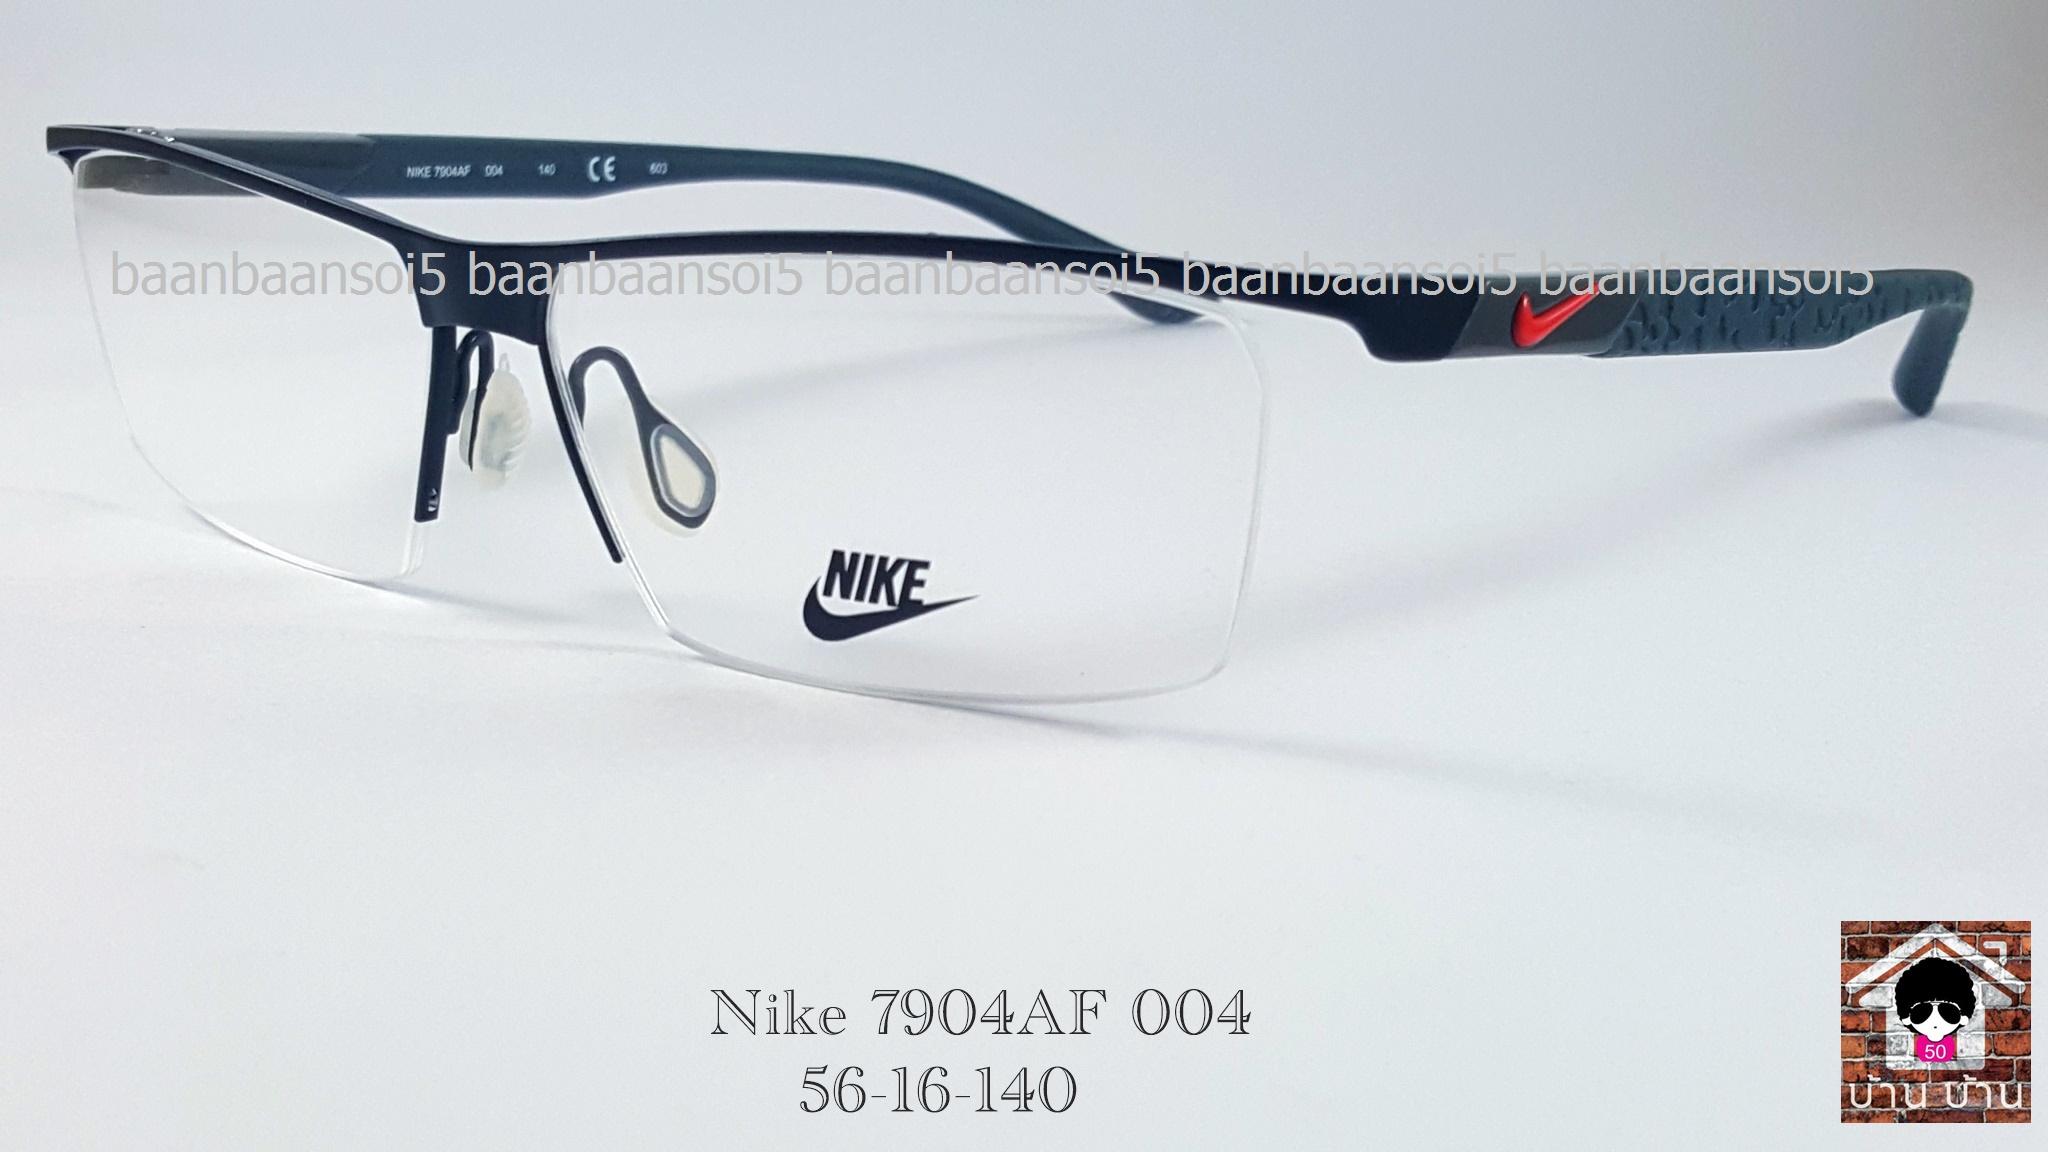 NIKE BRAND ORIGINALแท้ 7904AF 004 กรอบแว่นตาพร้อมเลนส์ มัลติโค๊ตHOYA ป้องกันรังสีคอม 4,200 บาท